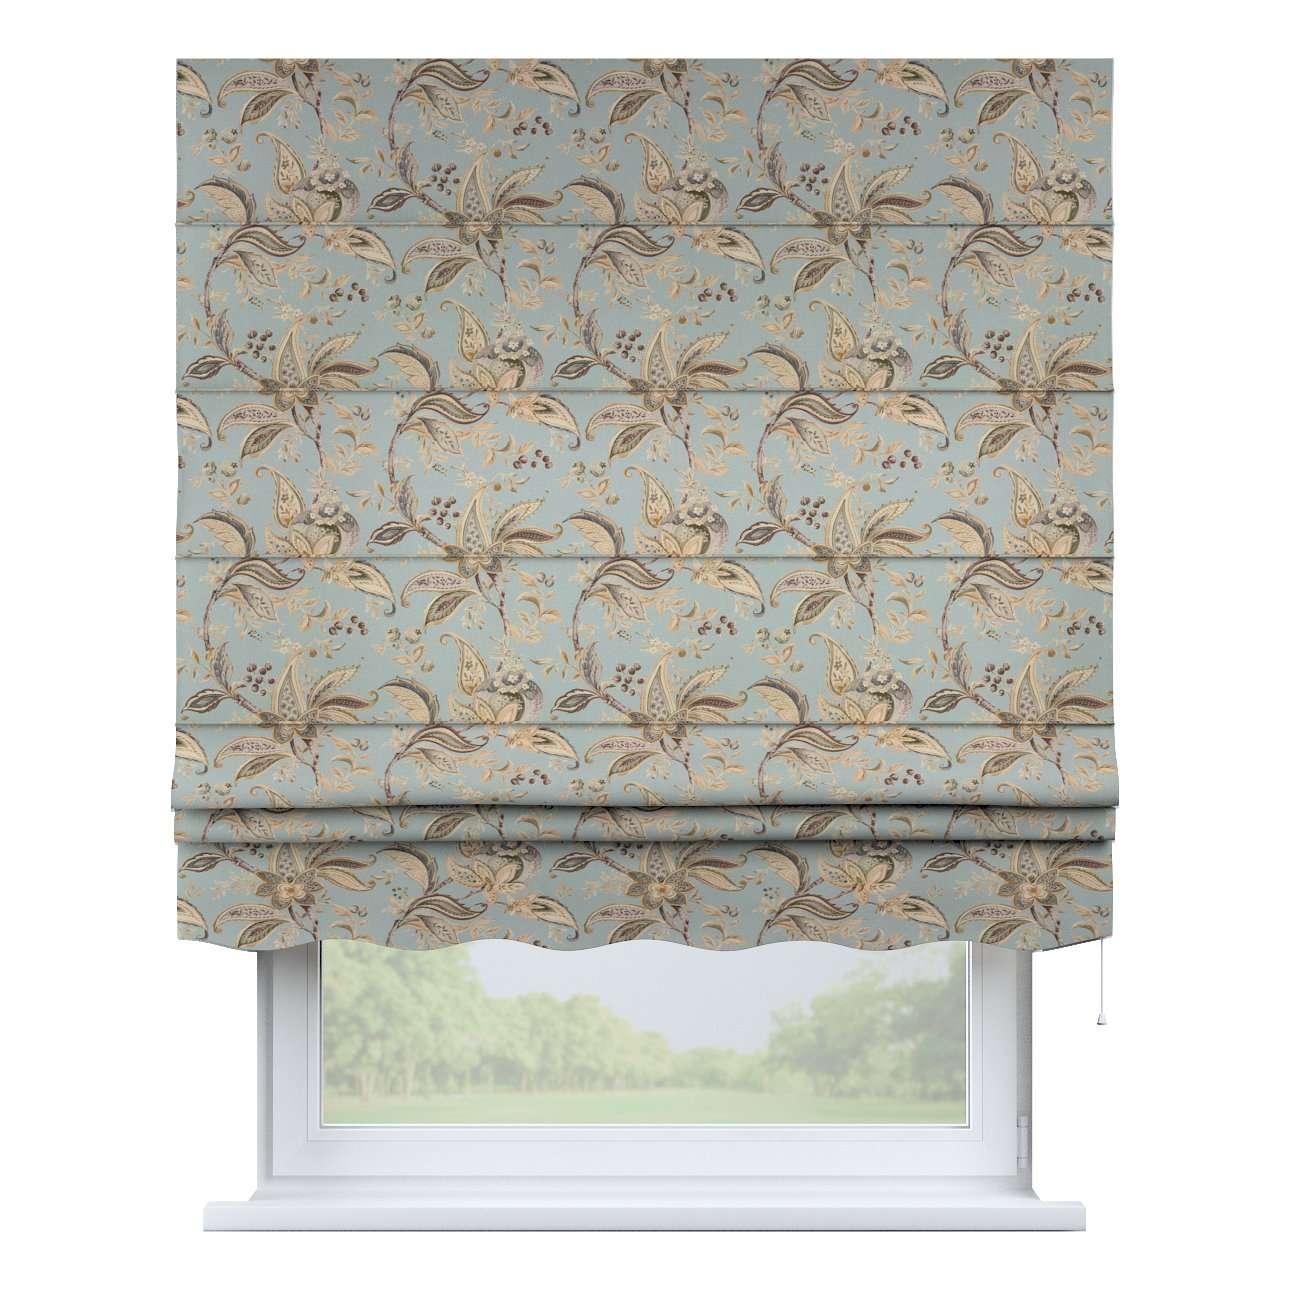 Roleta rzymska Florencja w kolekcji Gardenia, tkanina: 142-18